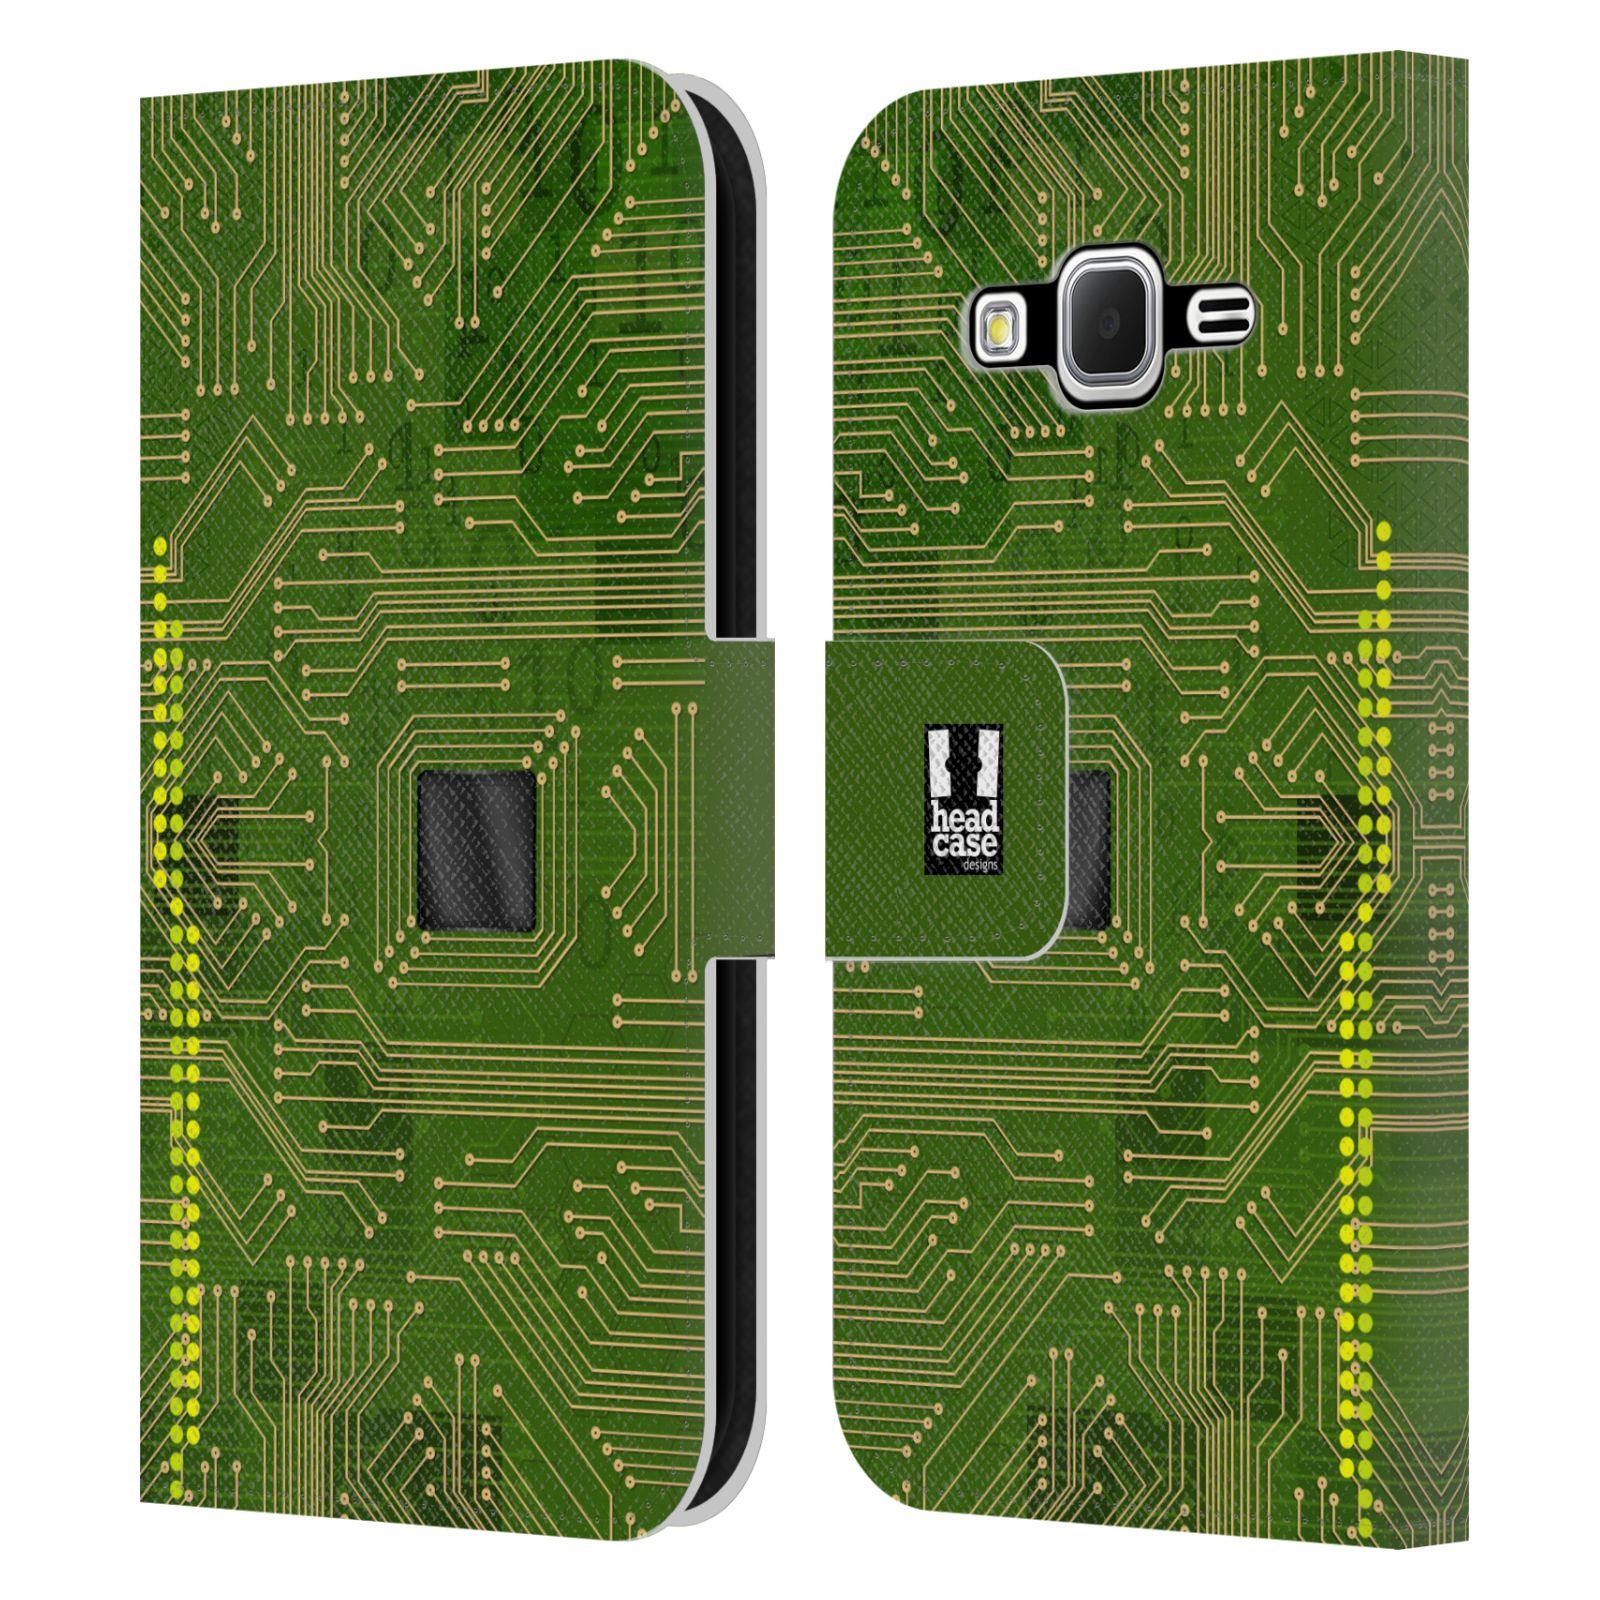 HEAD CASE Flipové pouzdro pro mobil Samsung Galaxy CORE PRIME počítač základní deska zelená barva